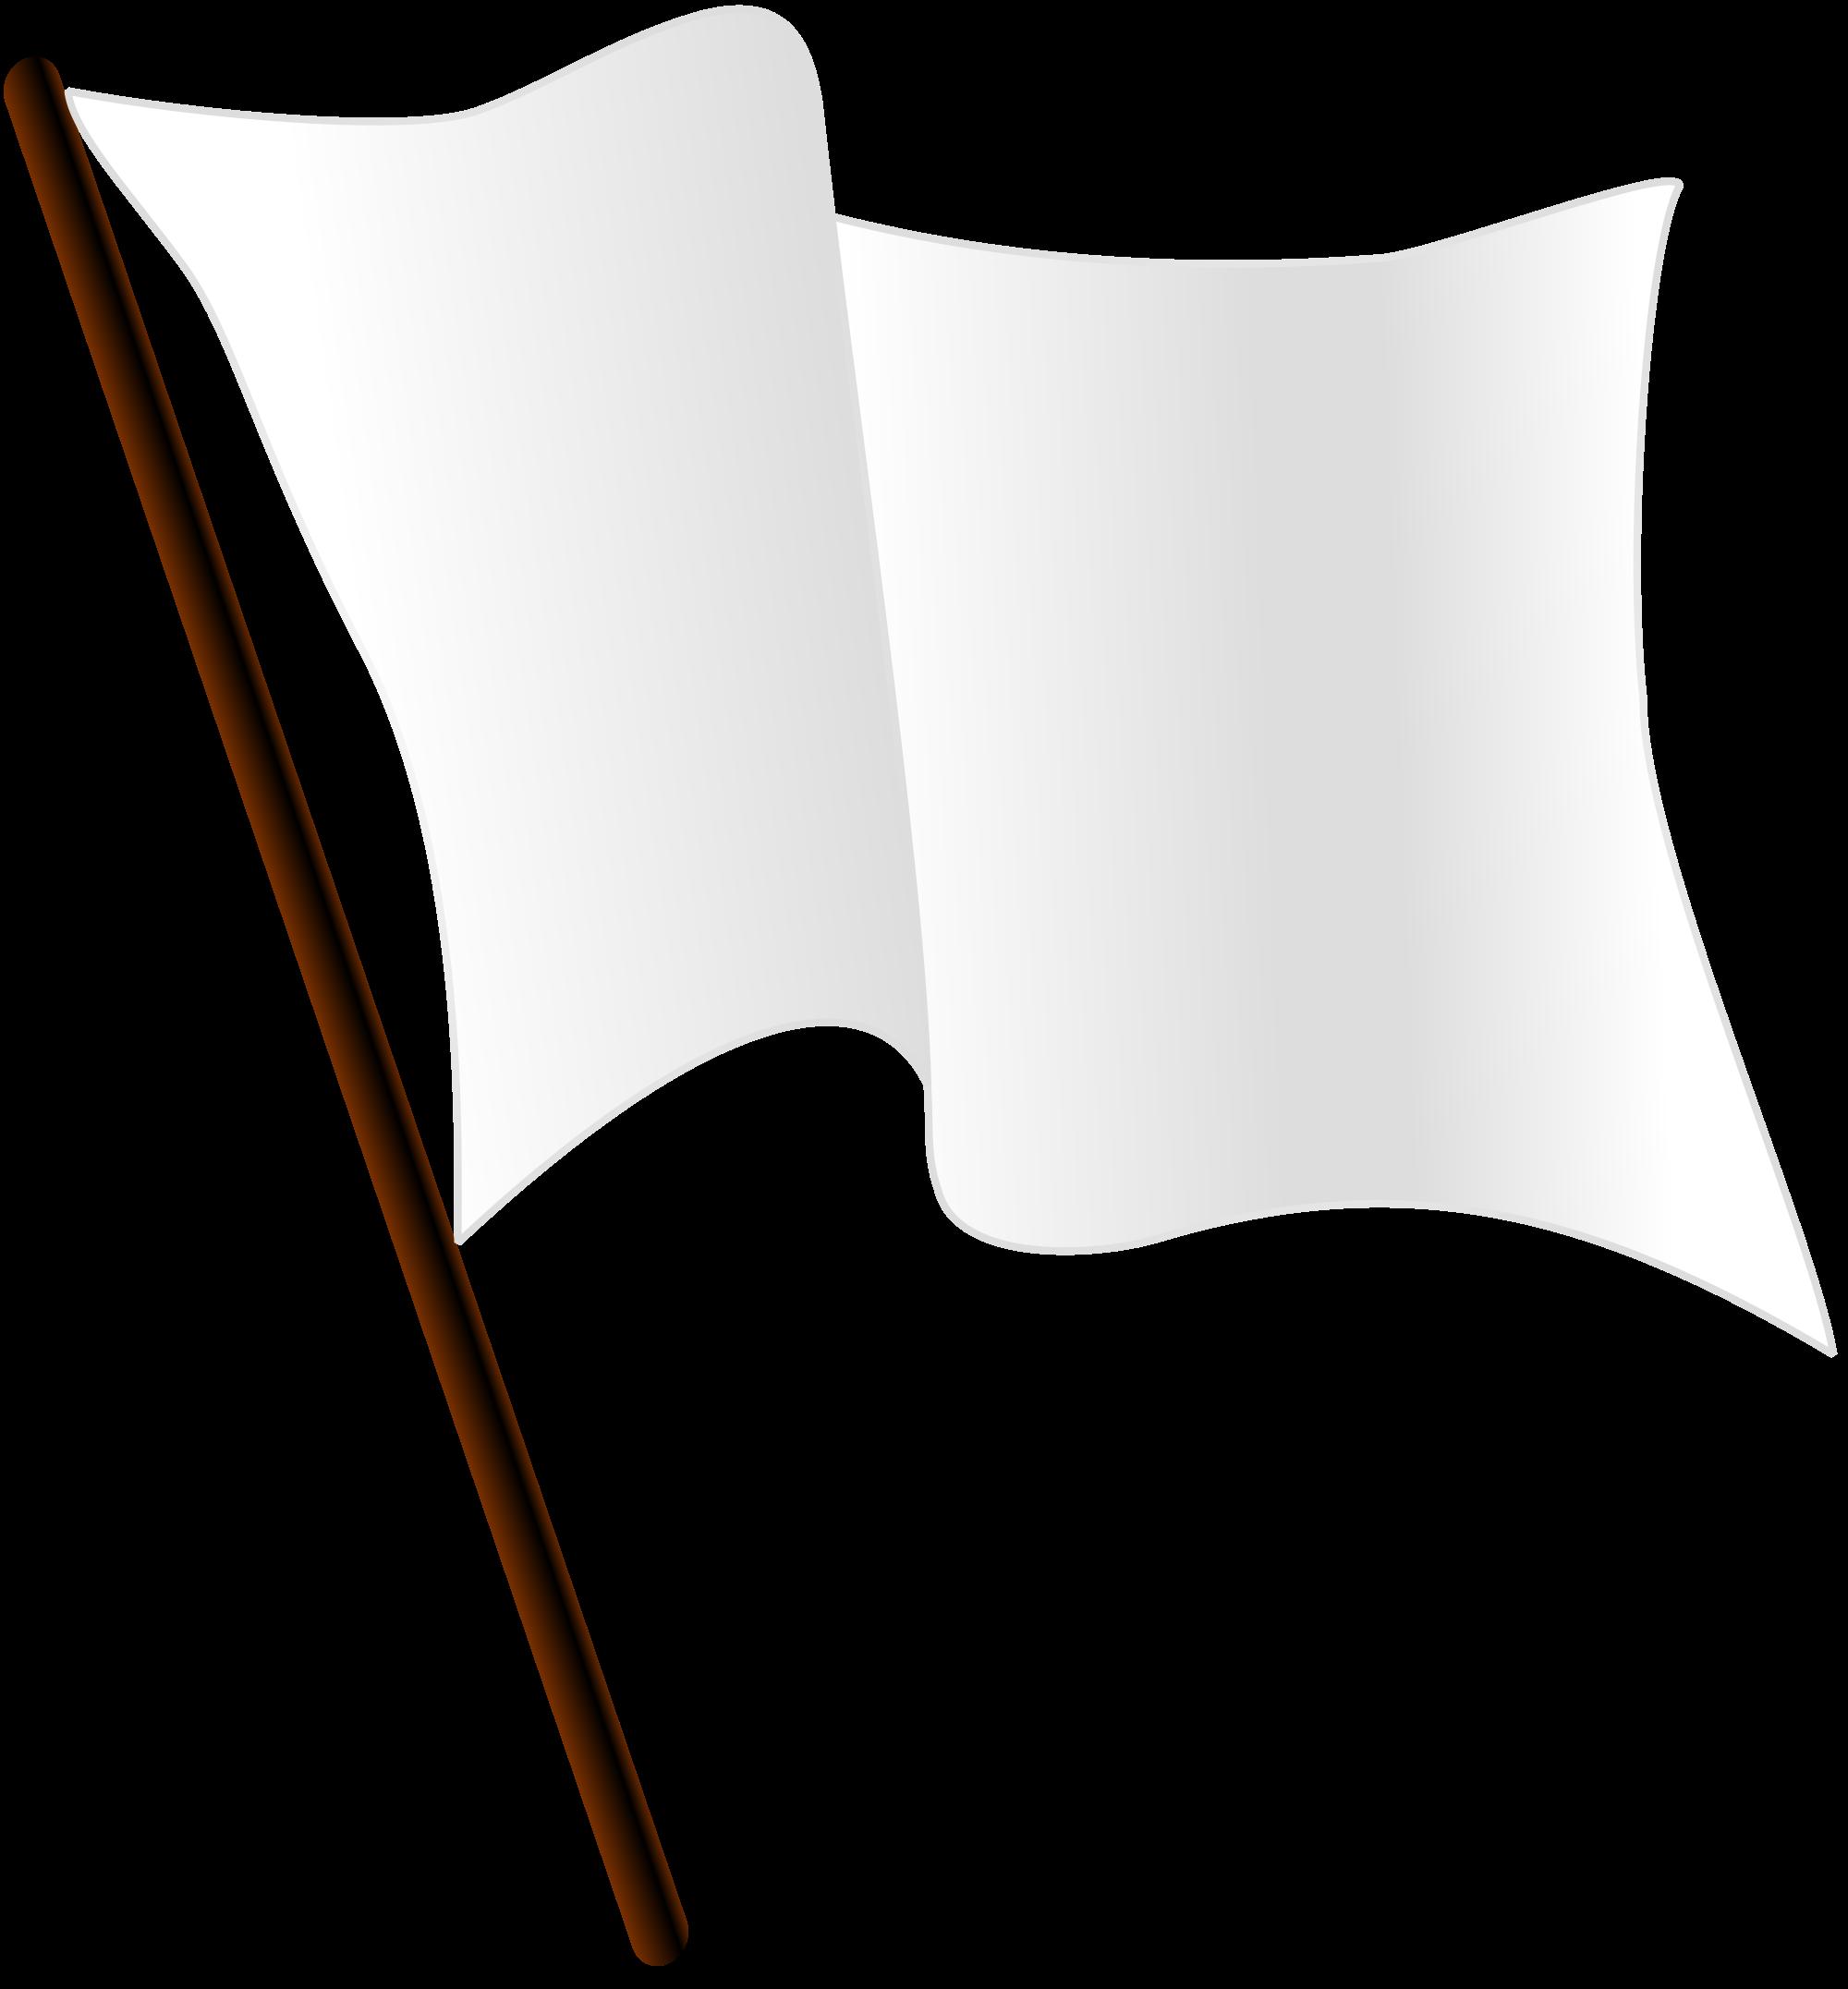 White Flag Png Image White Flag Flag White